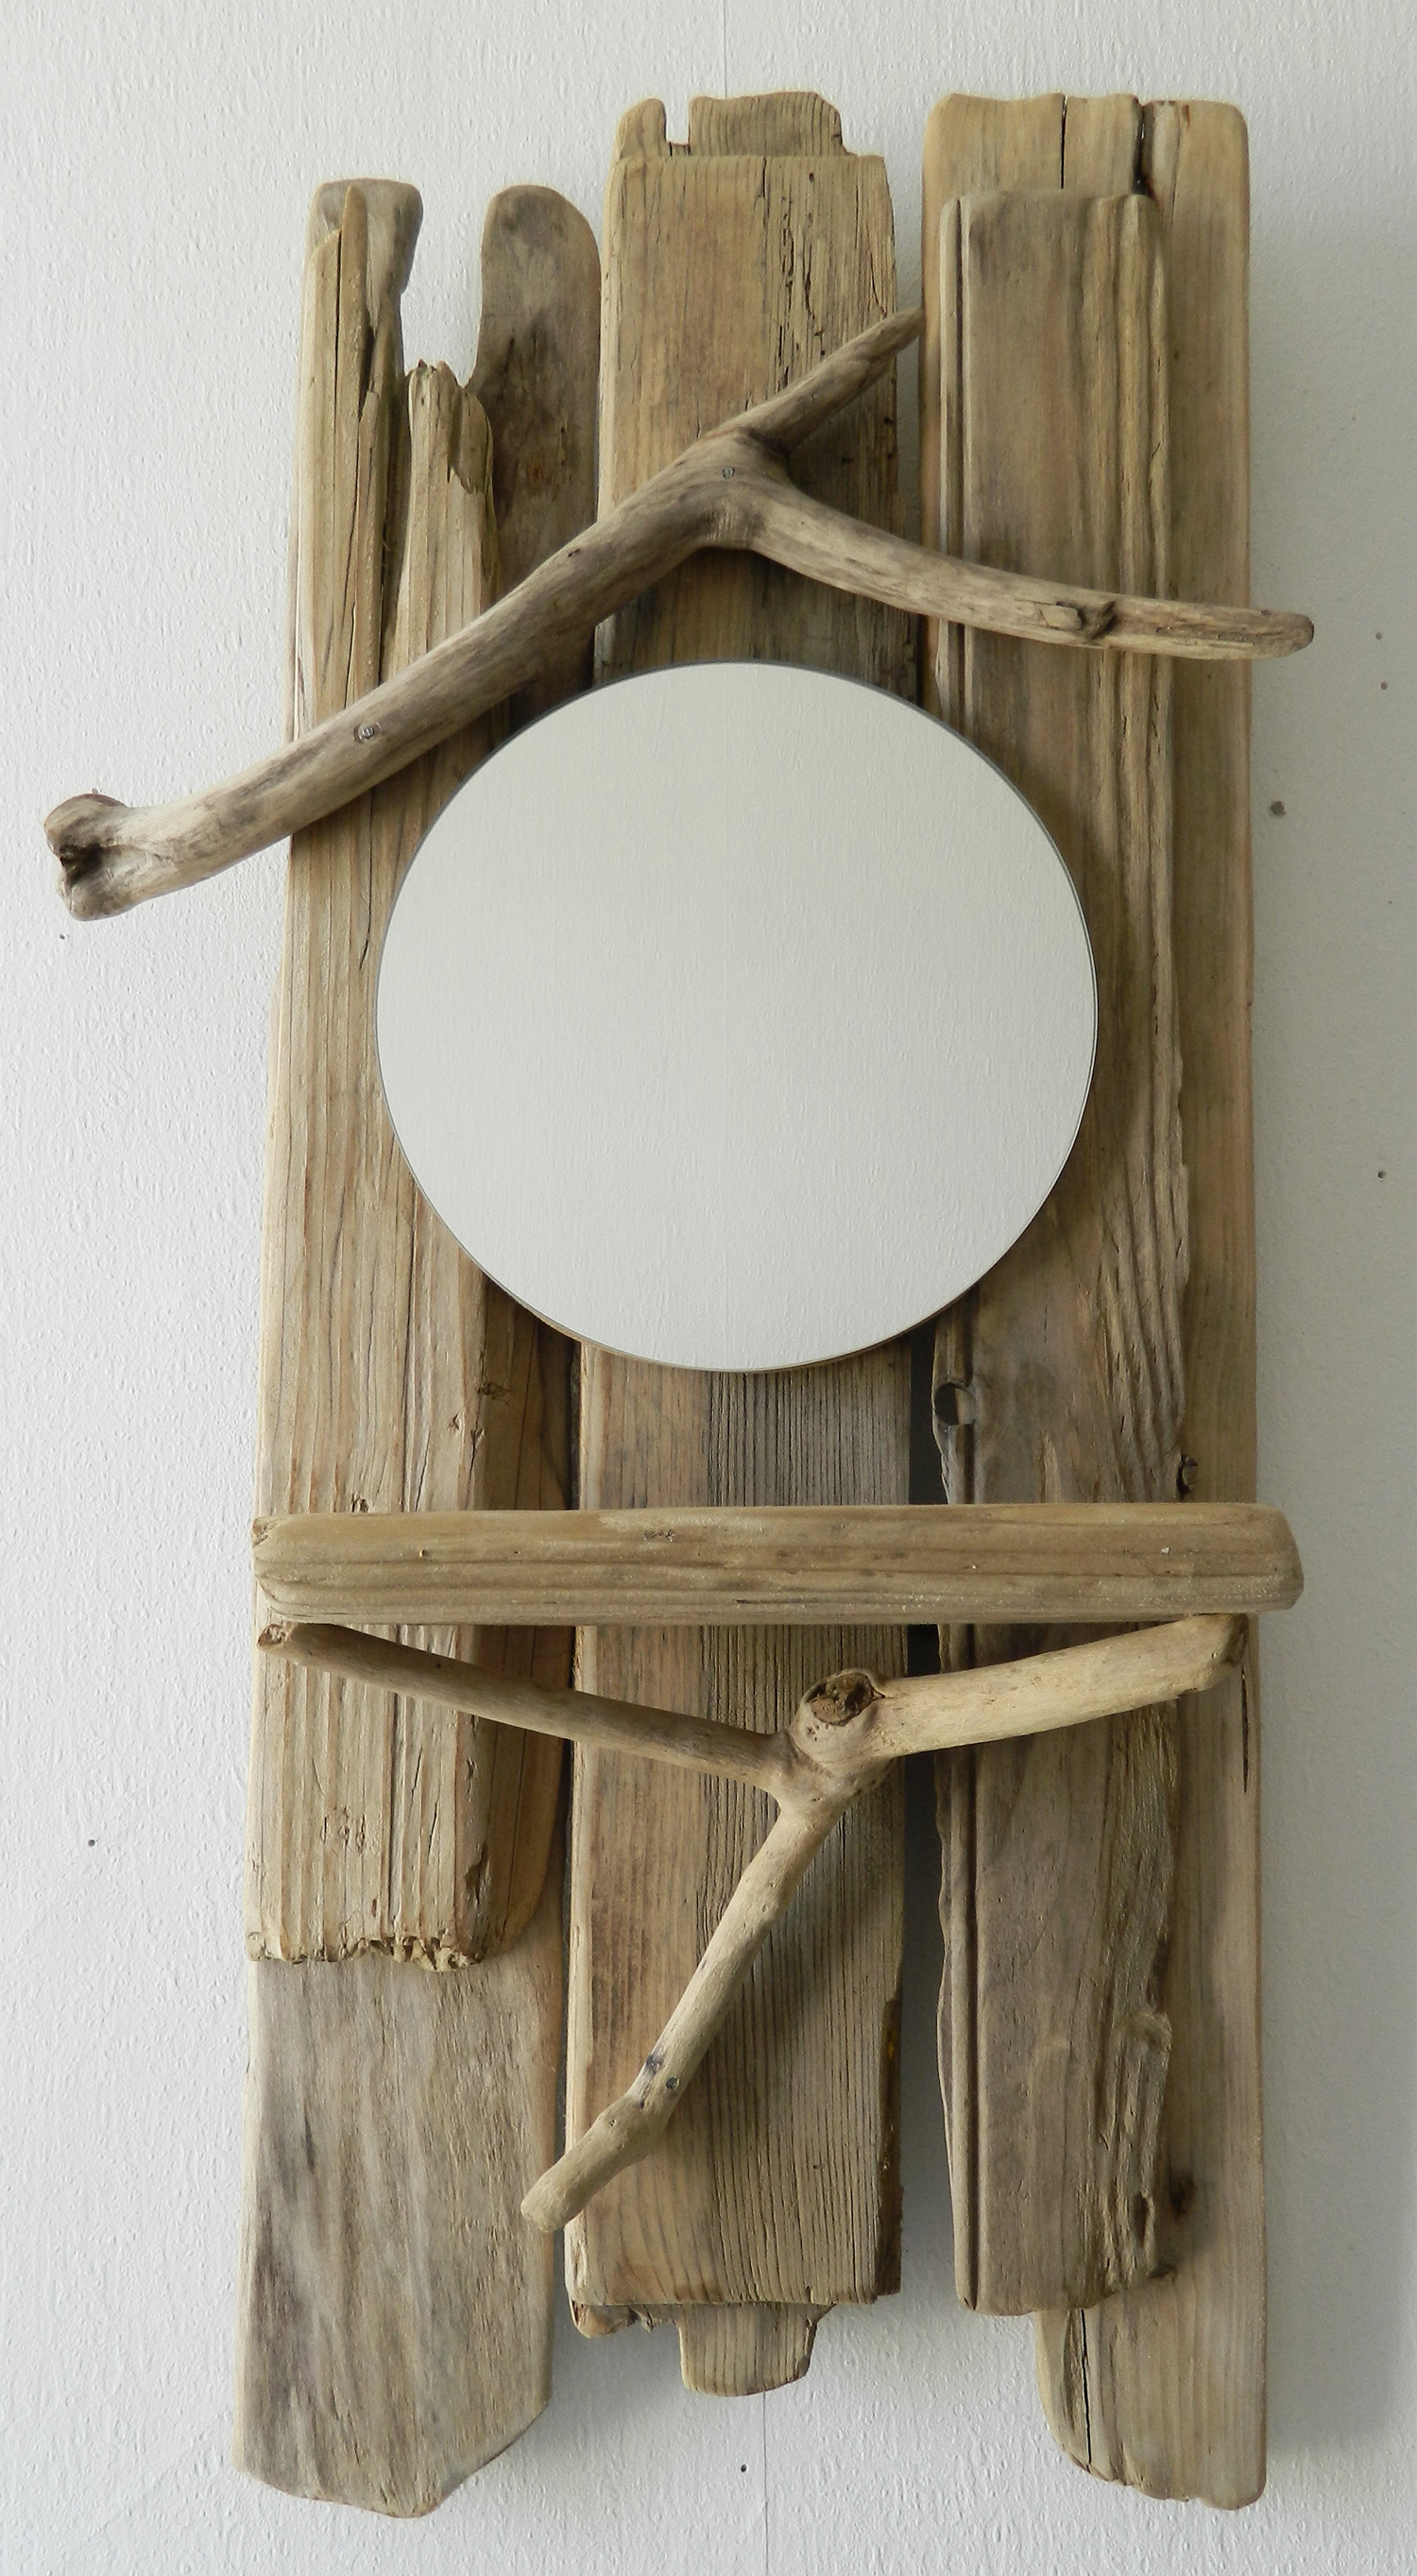 Miroir n 36 au fil de l 39 eau bois flott for Miroir de l eau